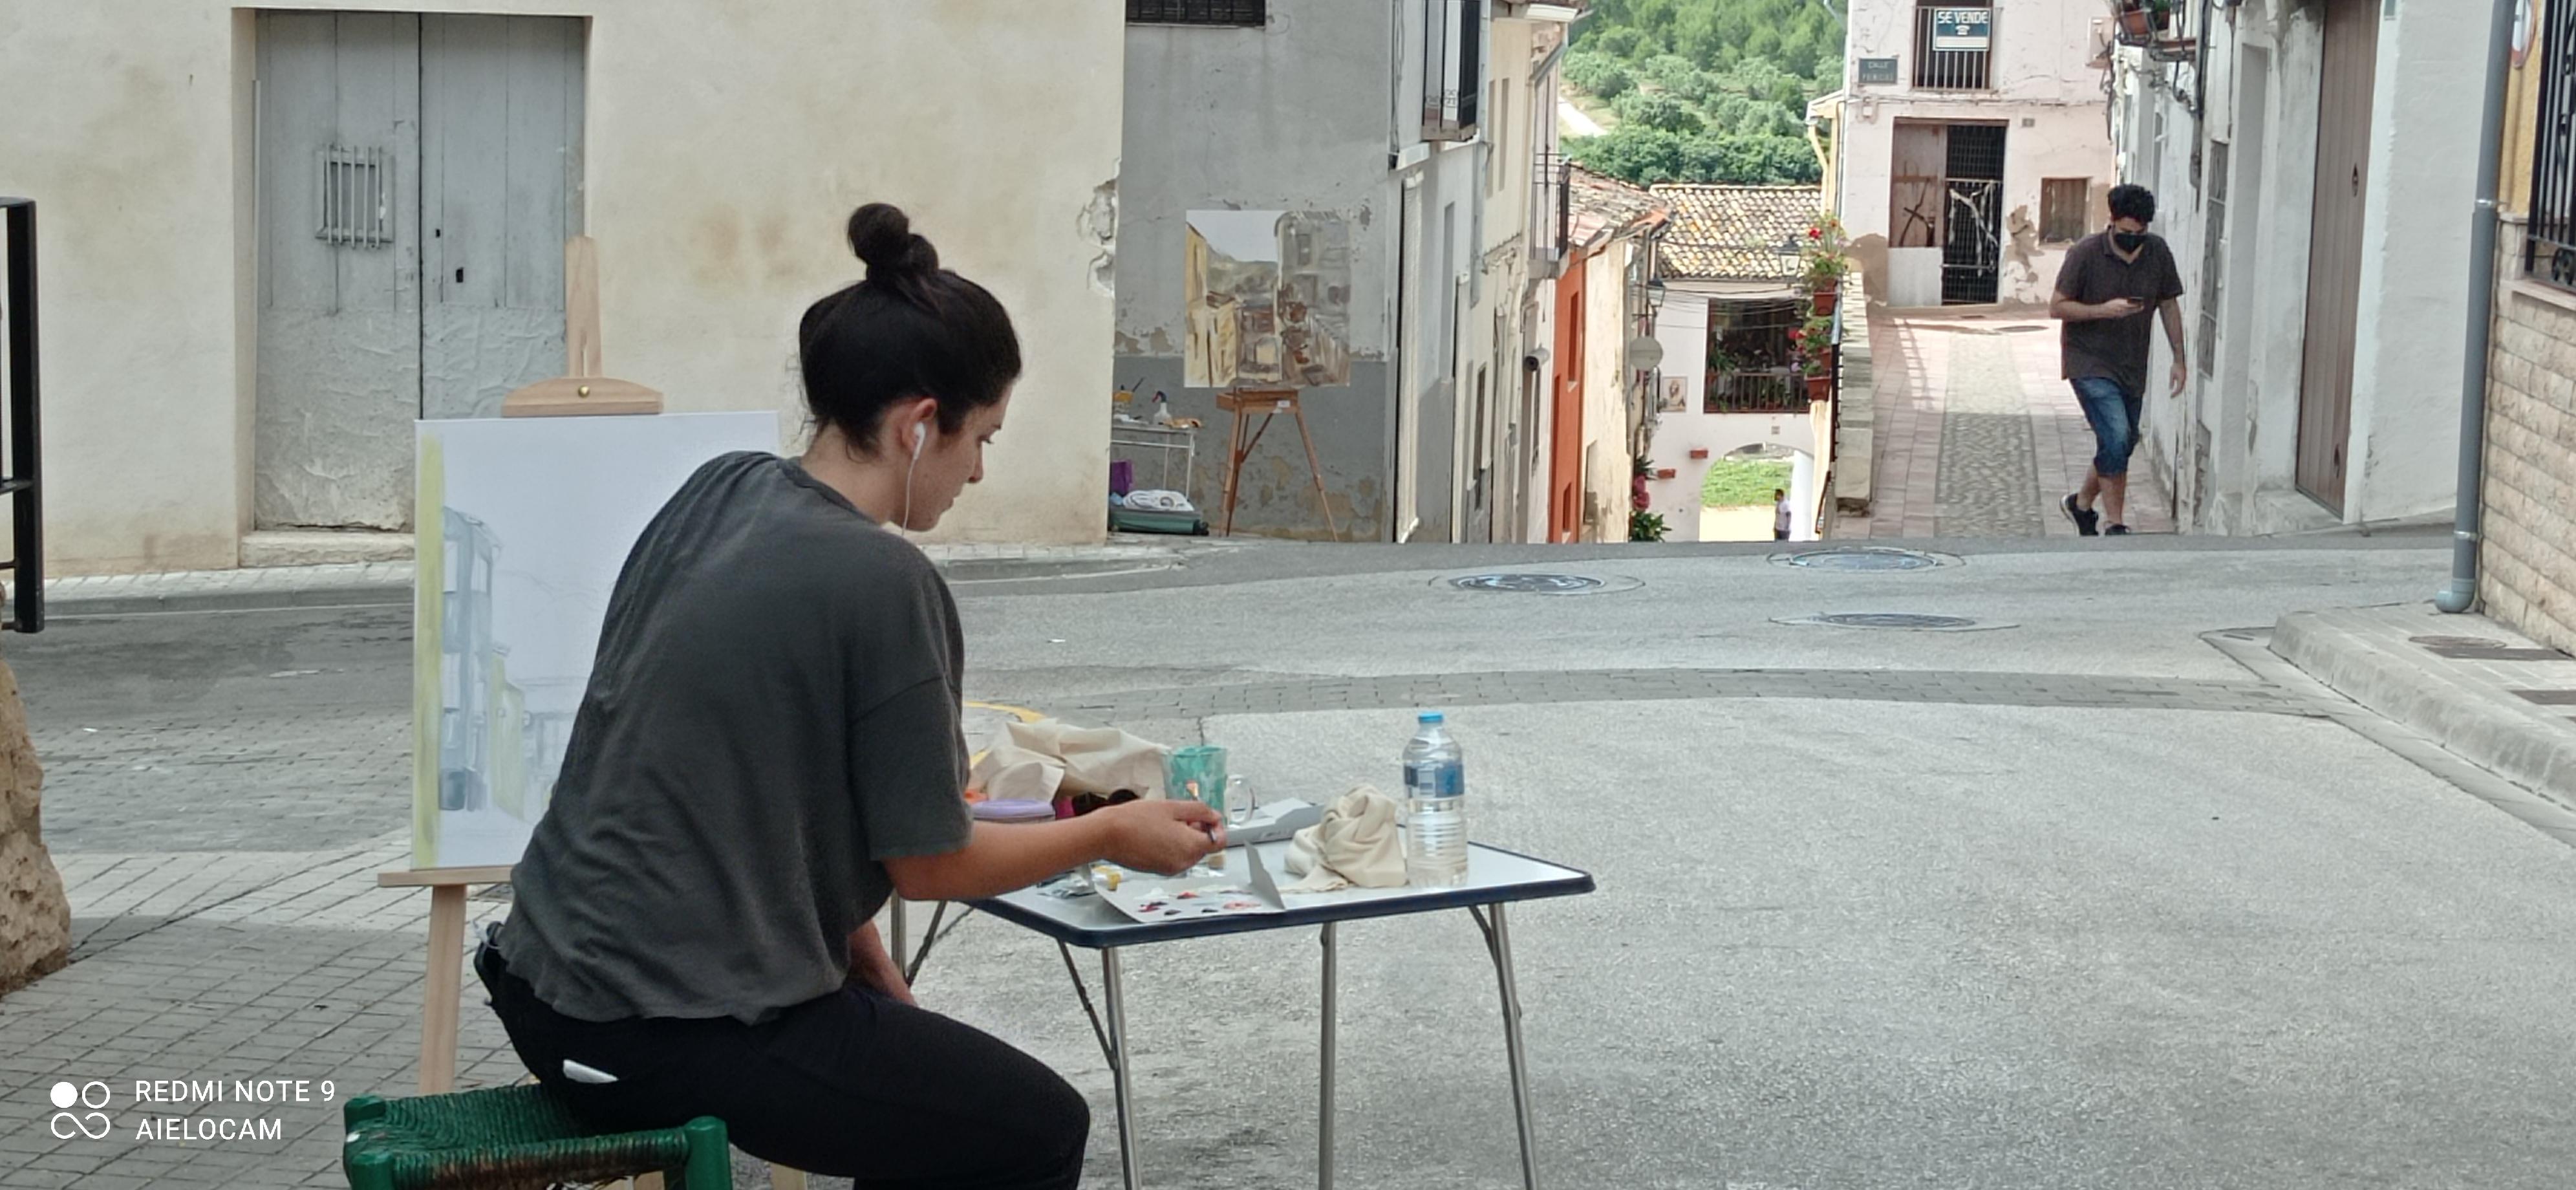 La pintura envaeix els carrers d'Aielo de Malferit